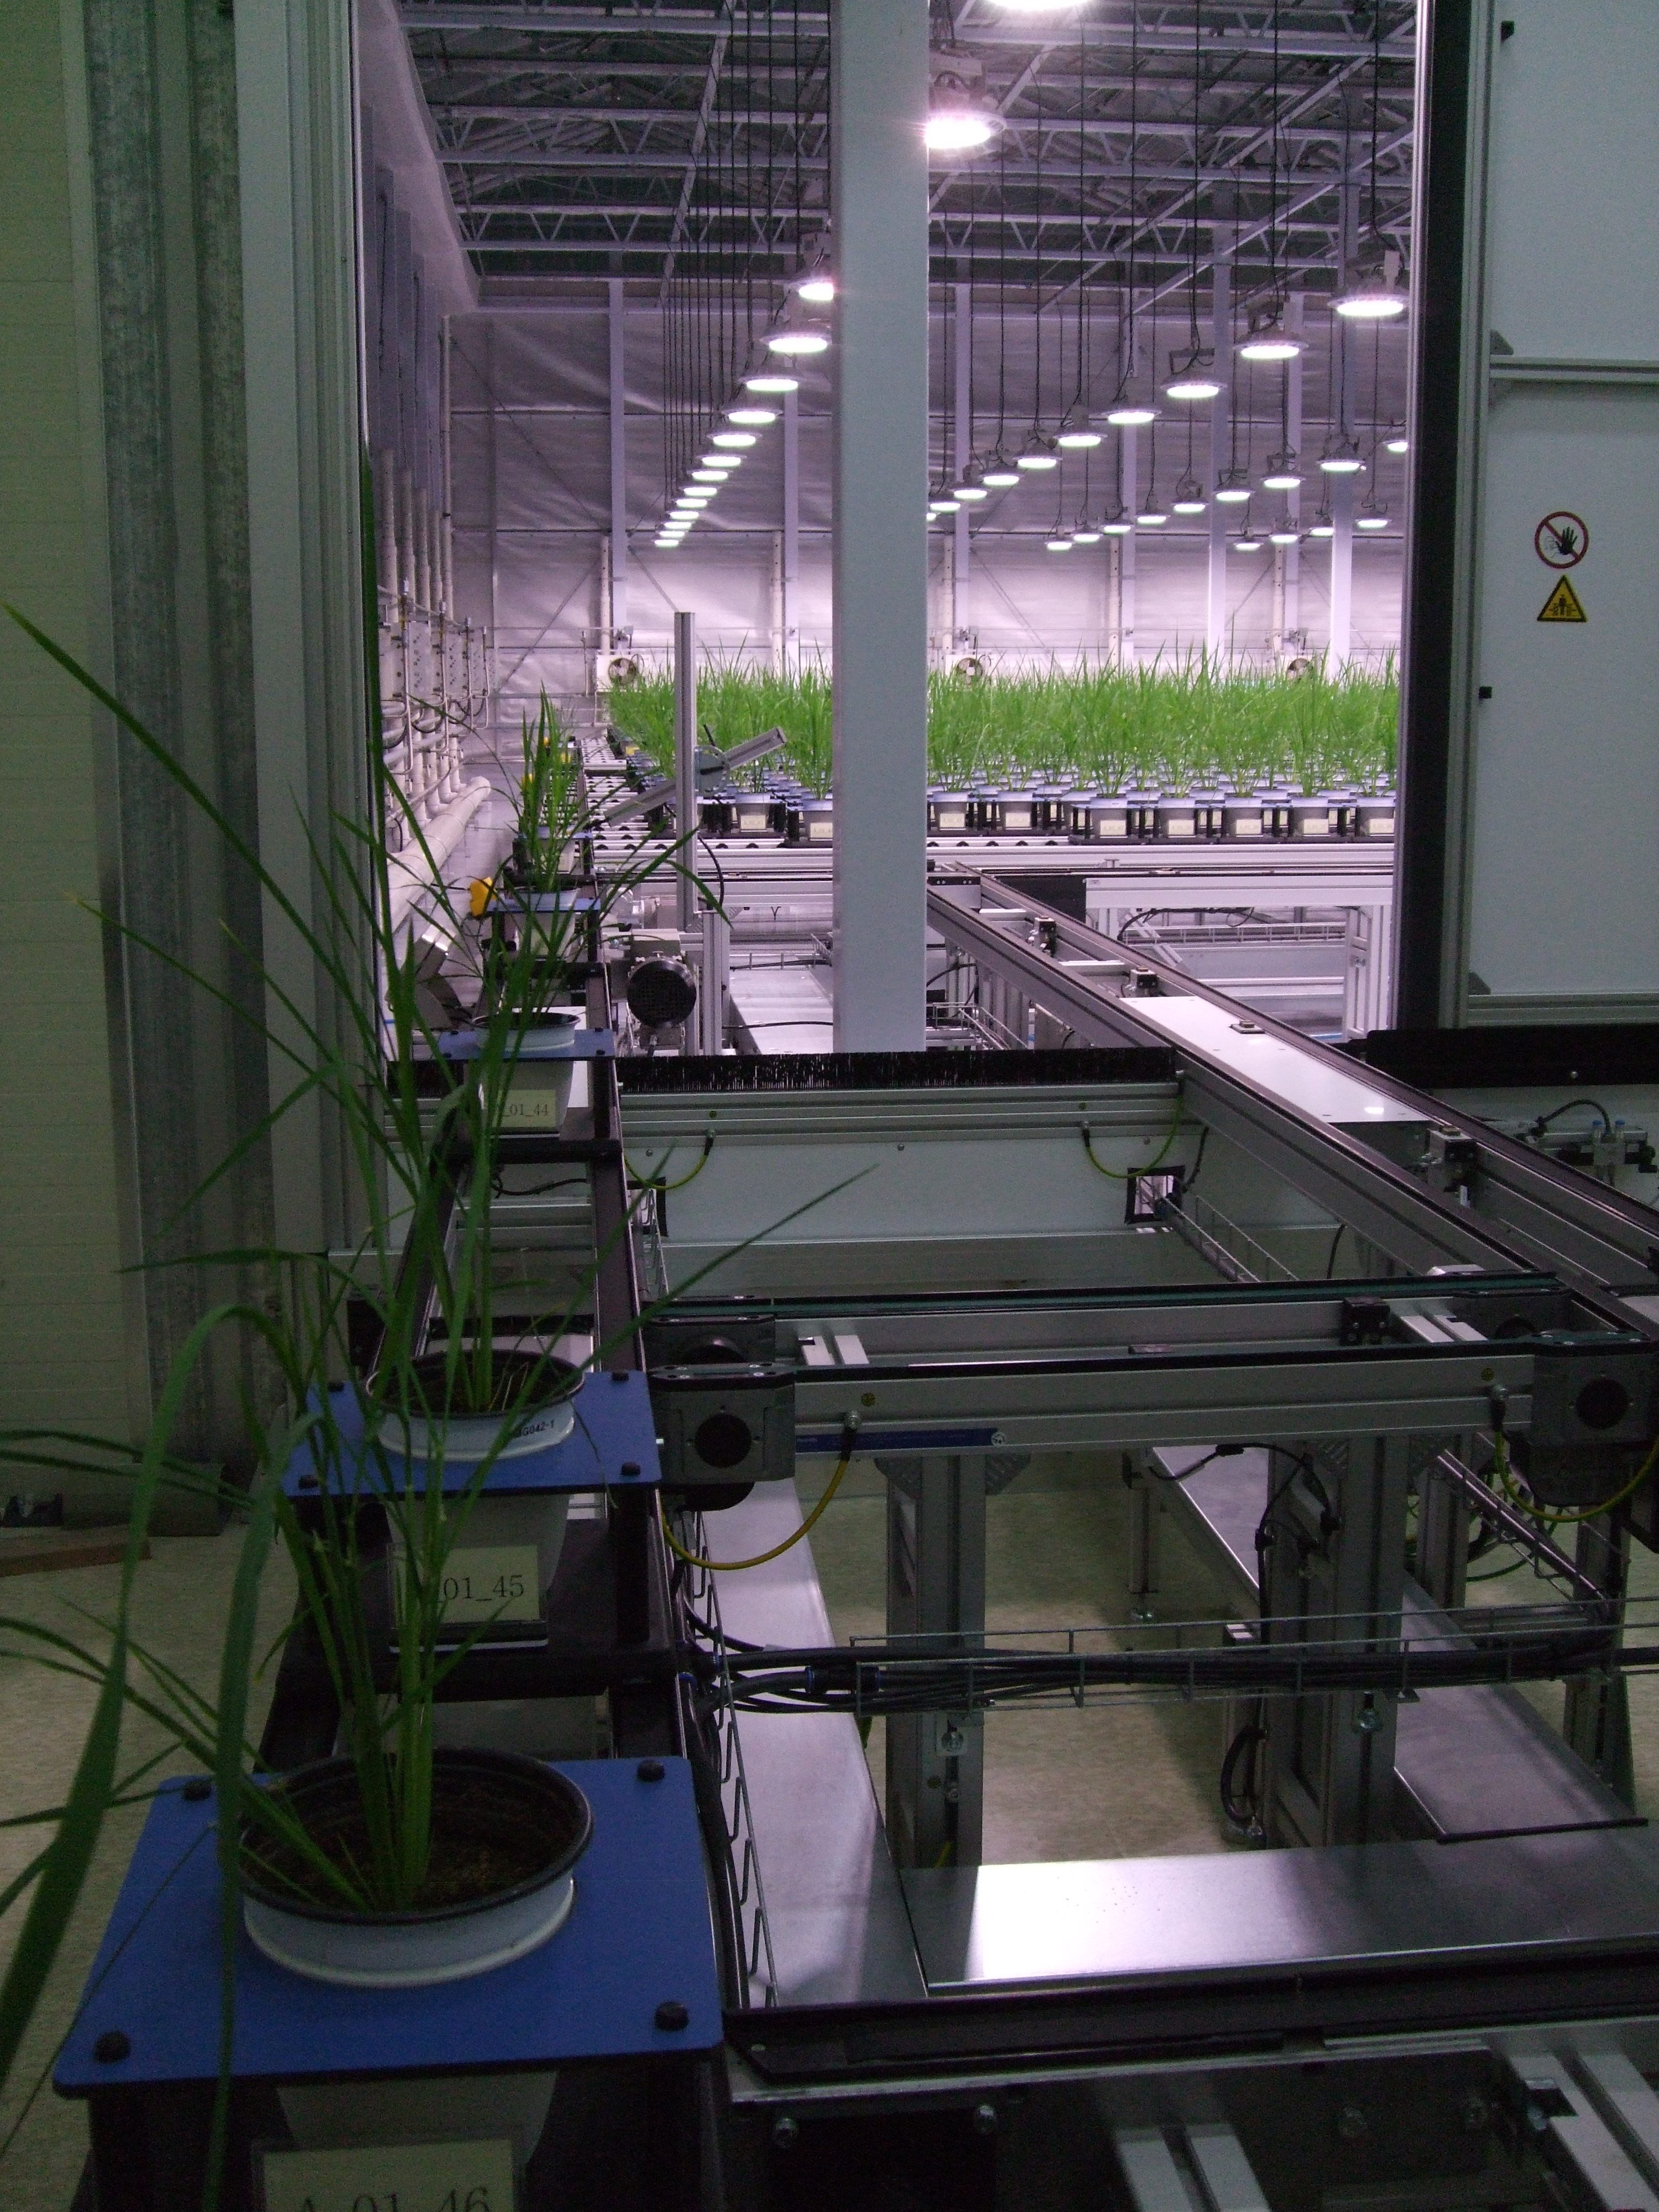 Rice in Conveyor Scanalyzer